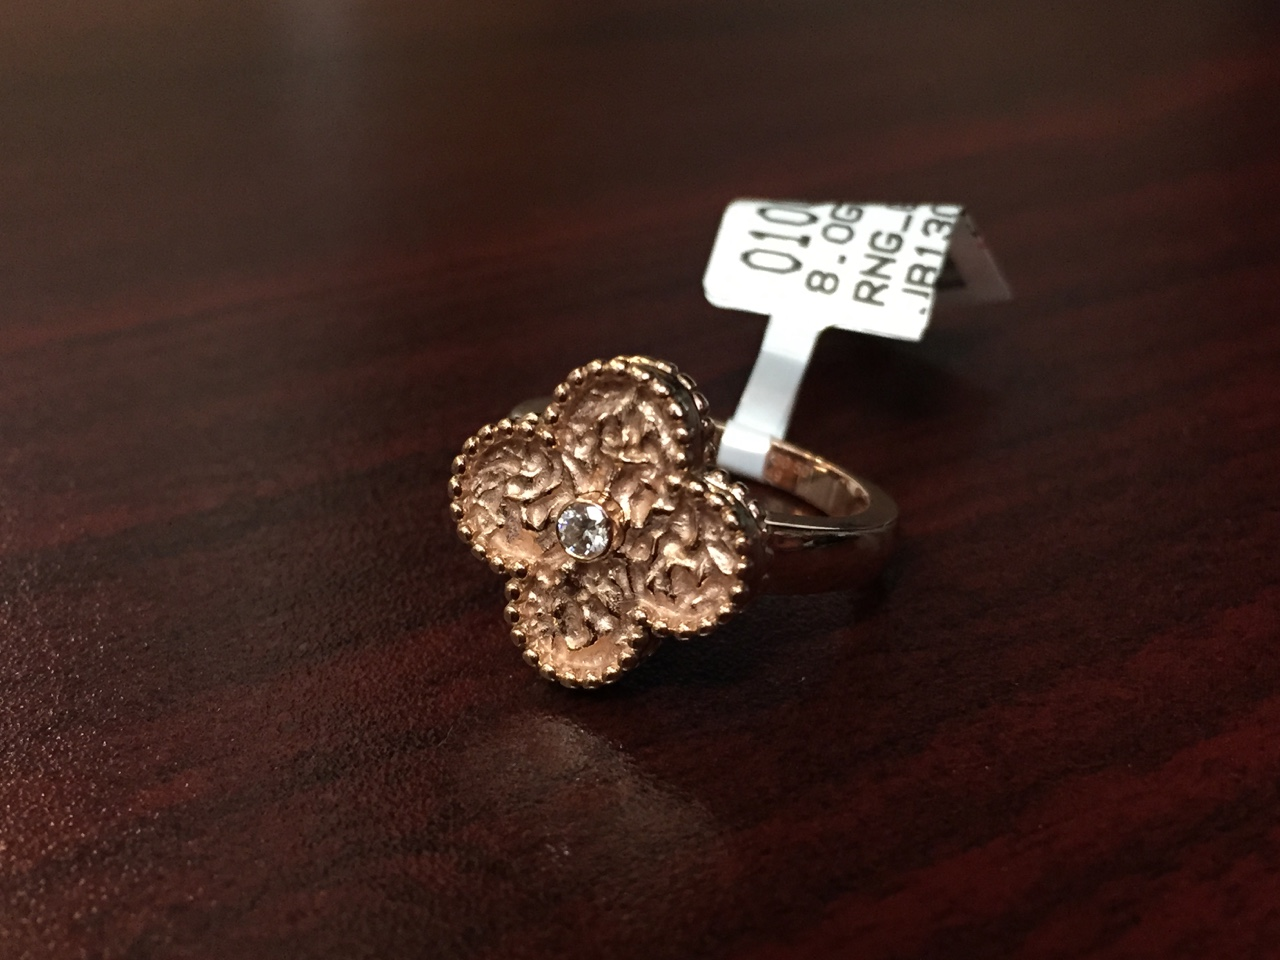 Van Cleef & Arpels Alhambra Ring - $2,000